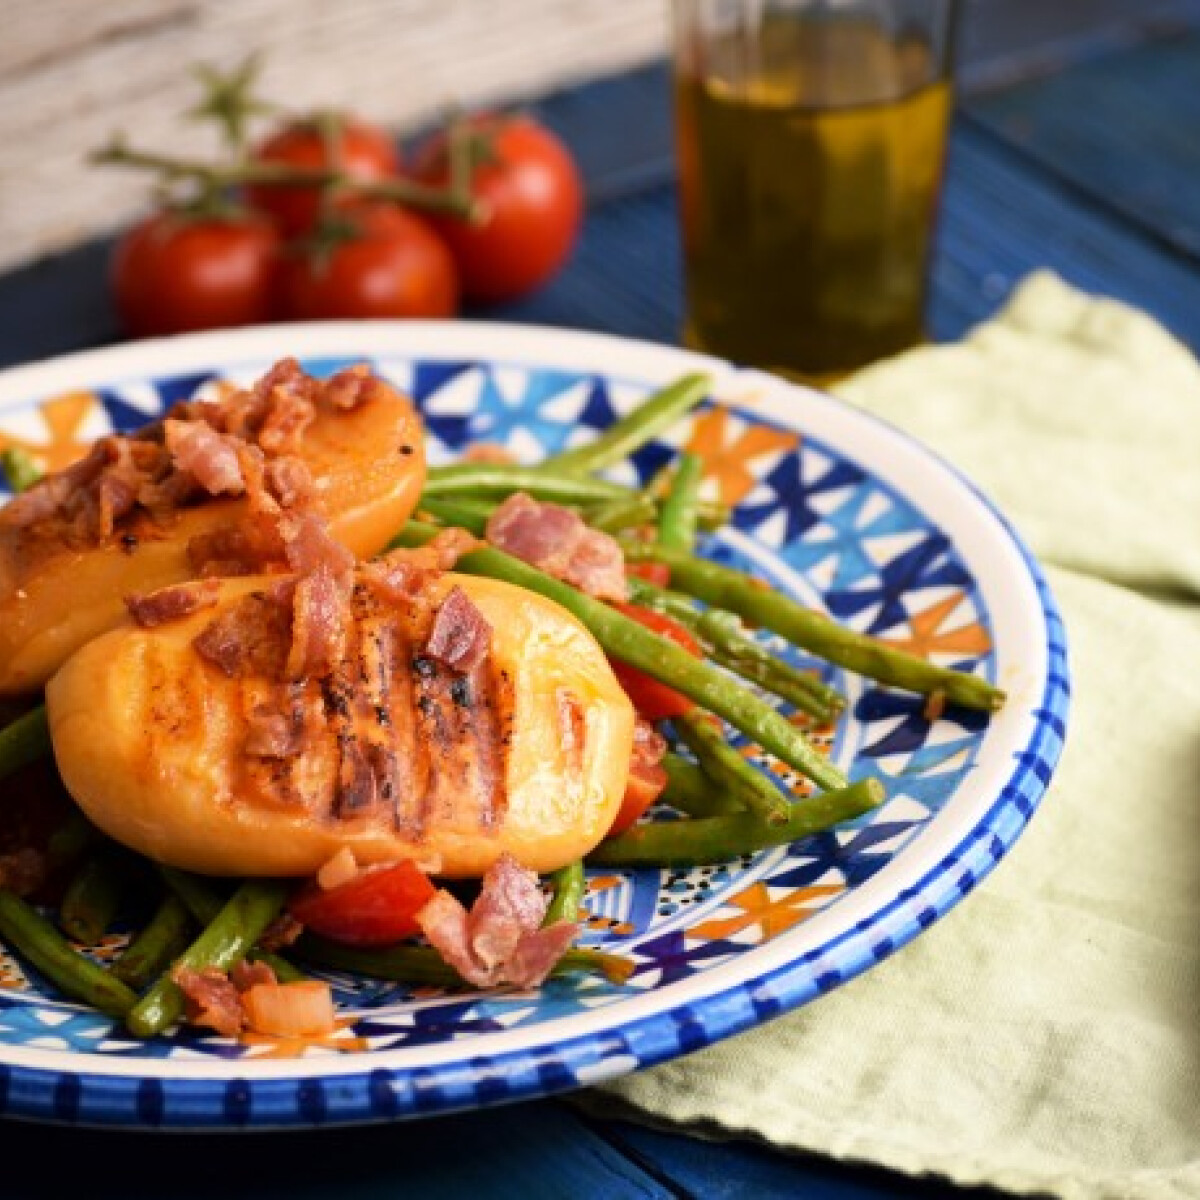 Grillsajt zöldbabbal és baconchipsszel